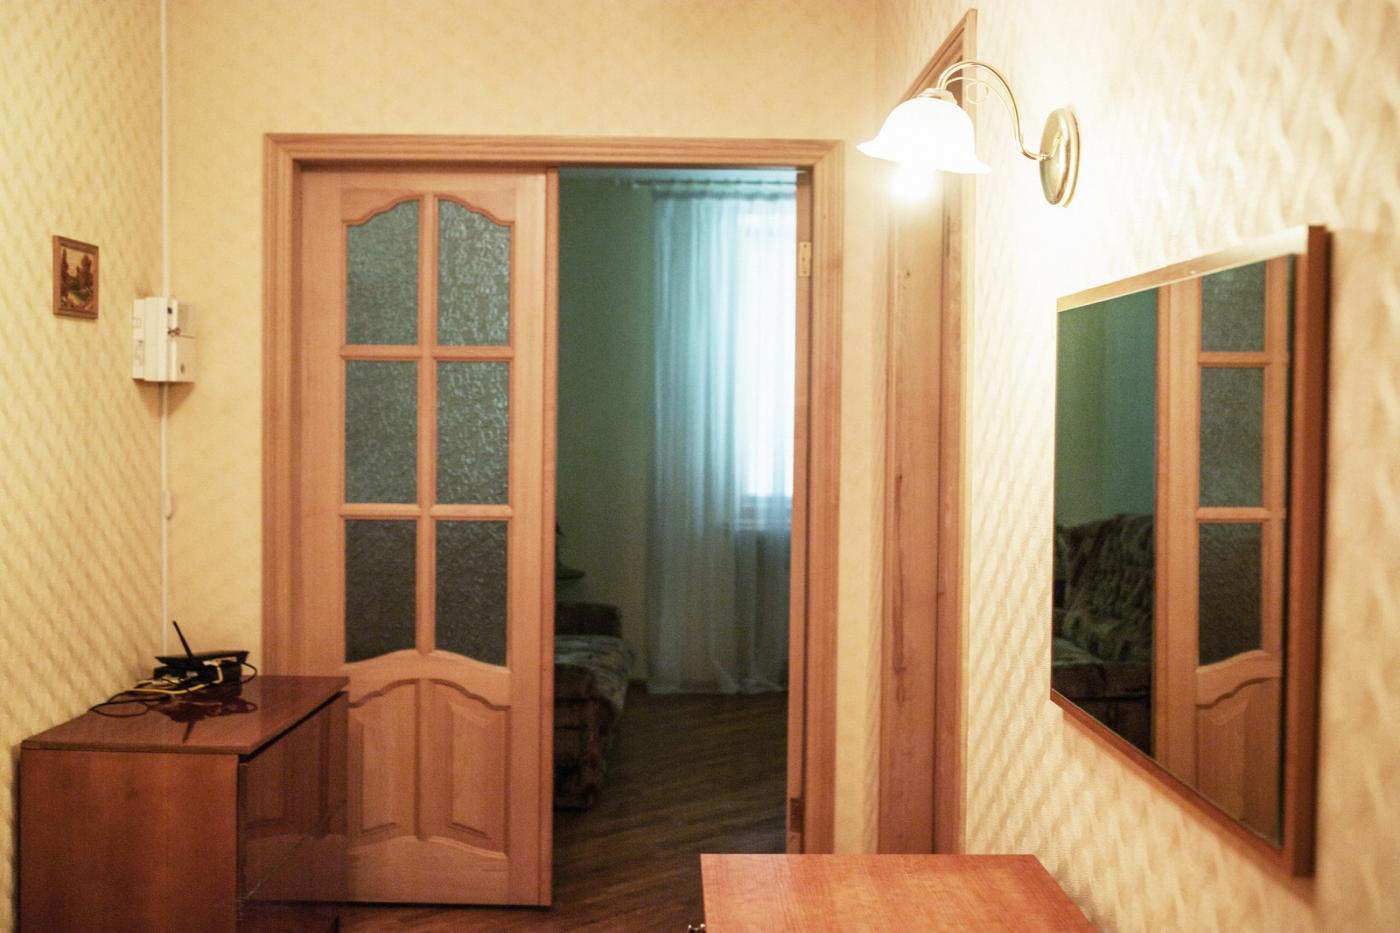 2-комнатная квартира посуточно (вариант № 1460), ул. Большая Морская улица, фото № 5